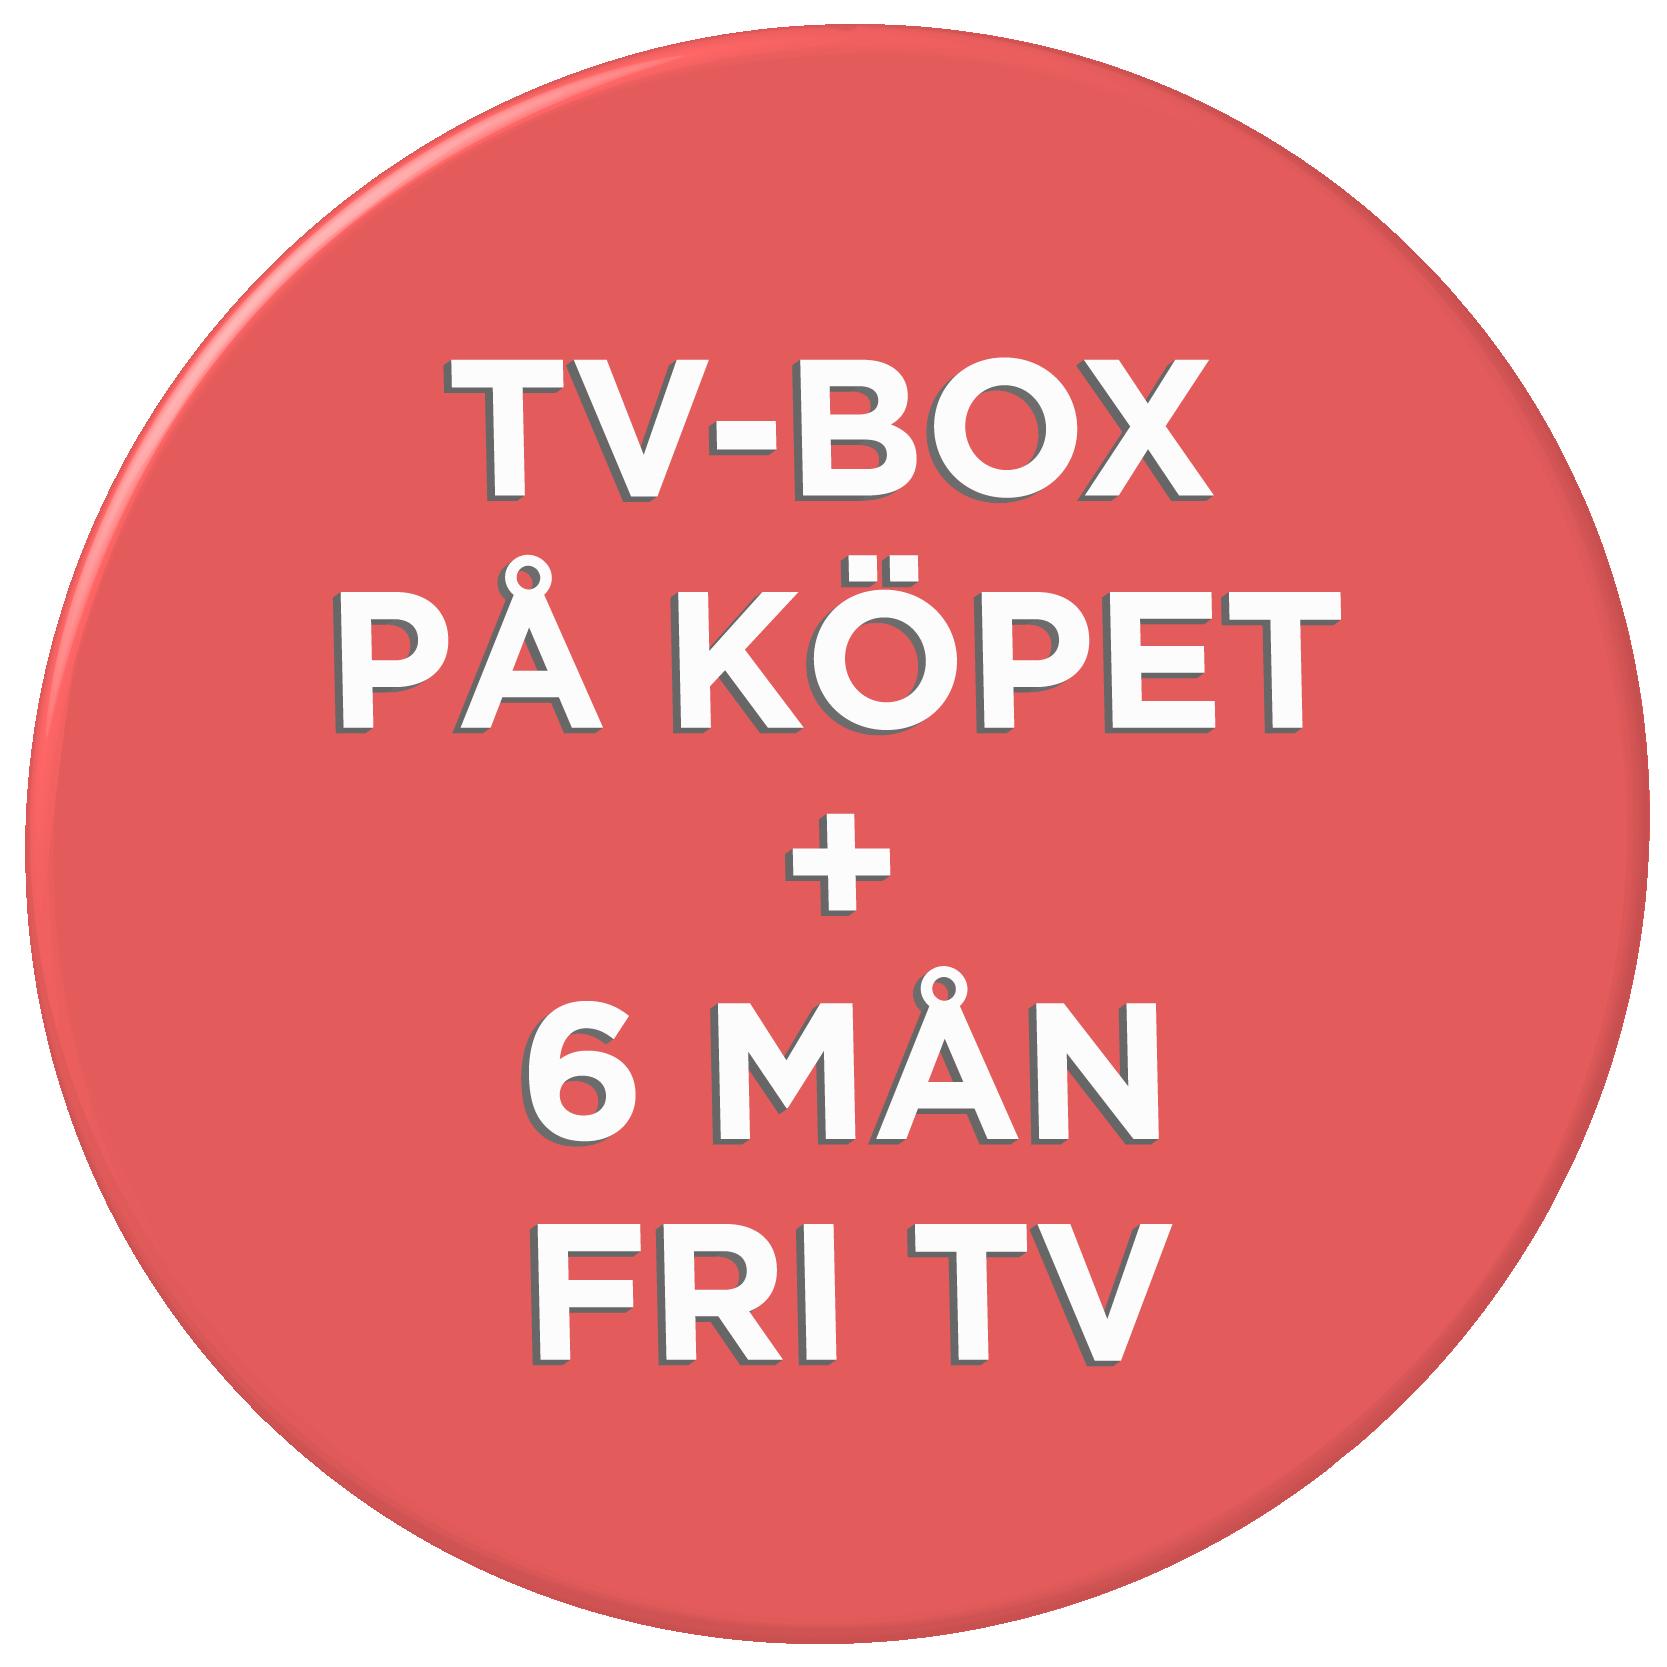 HDTV-box på köpet!